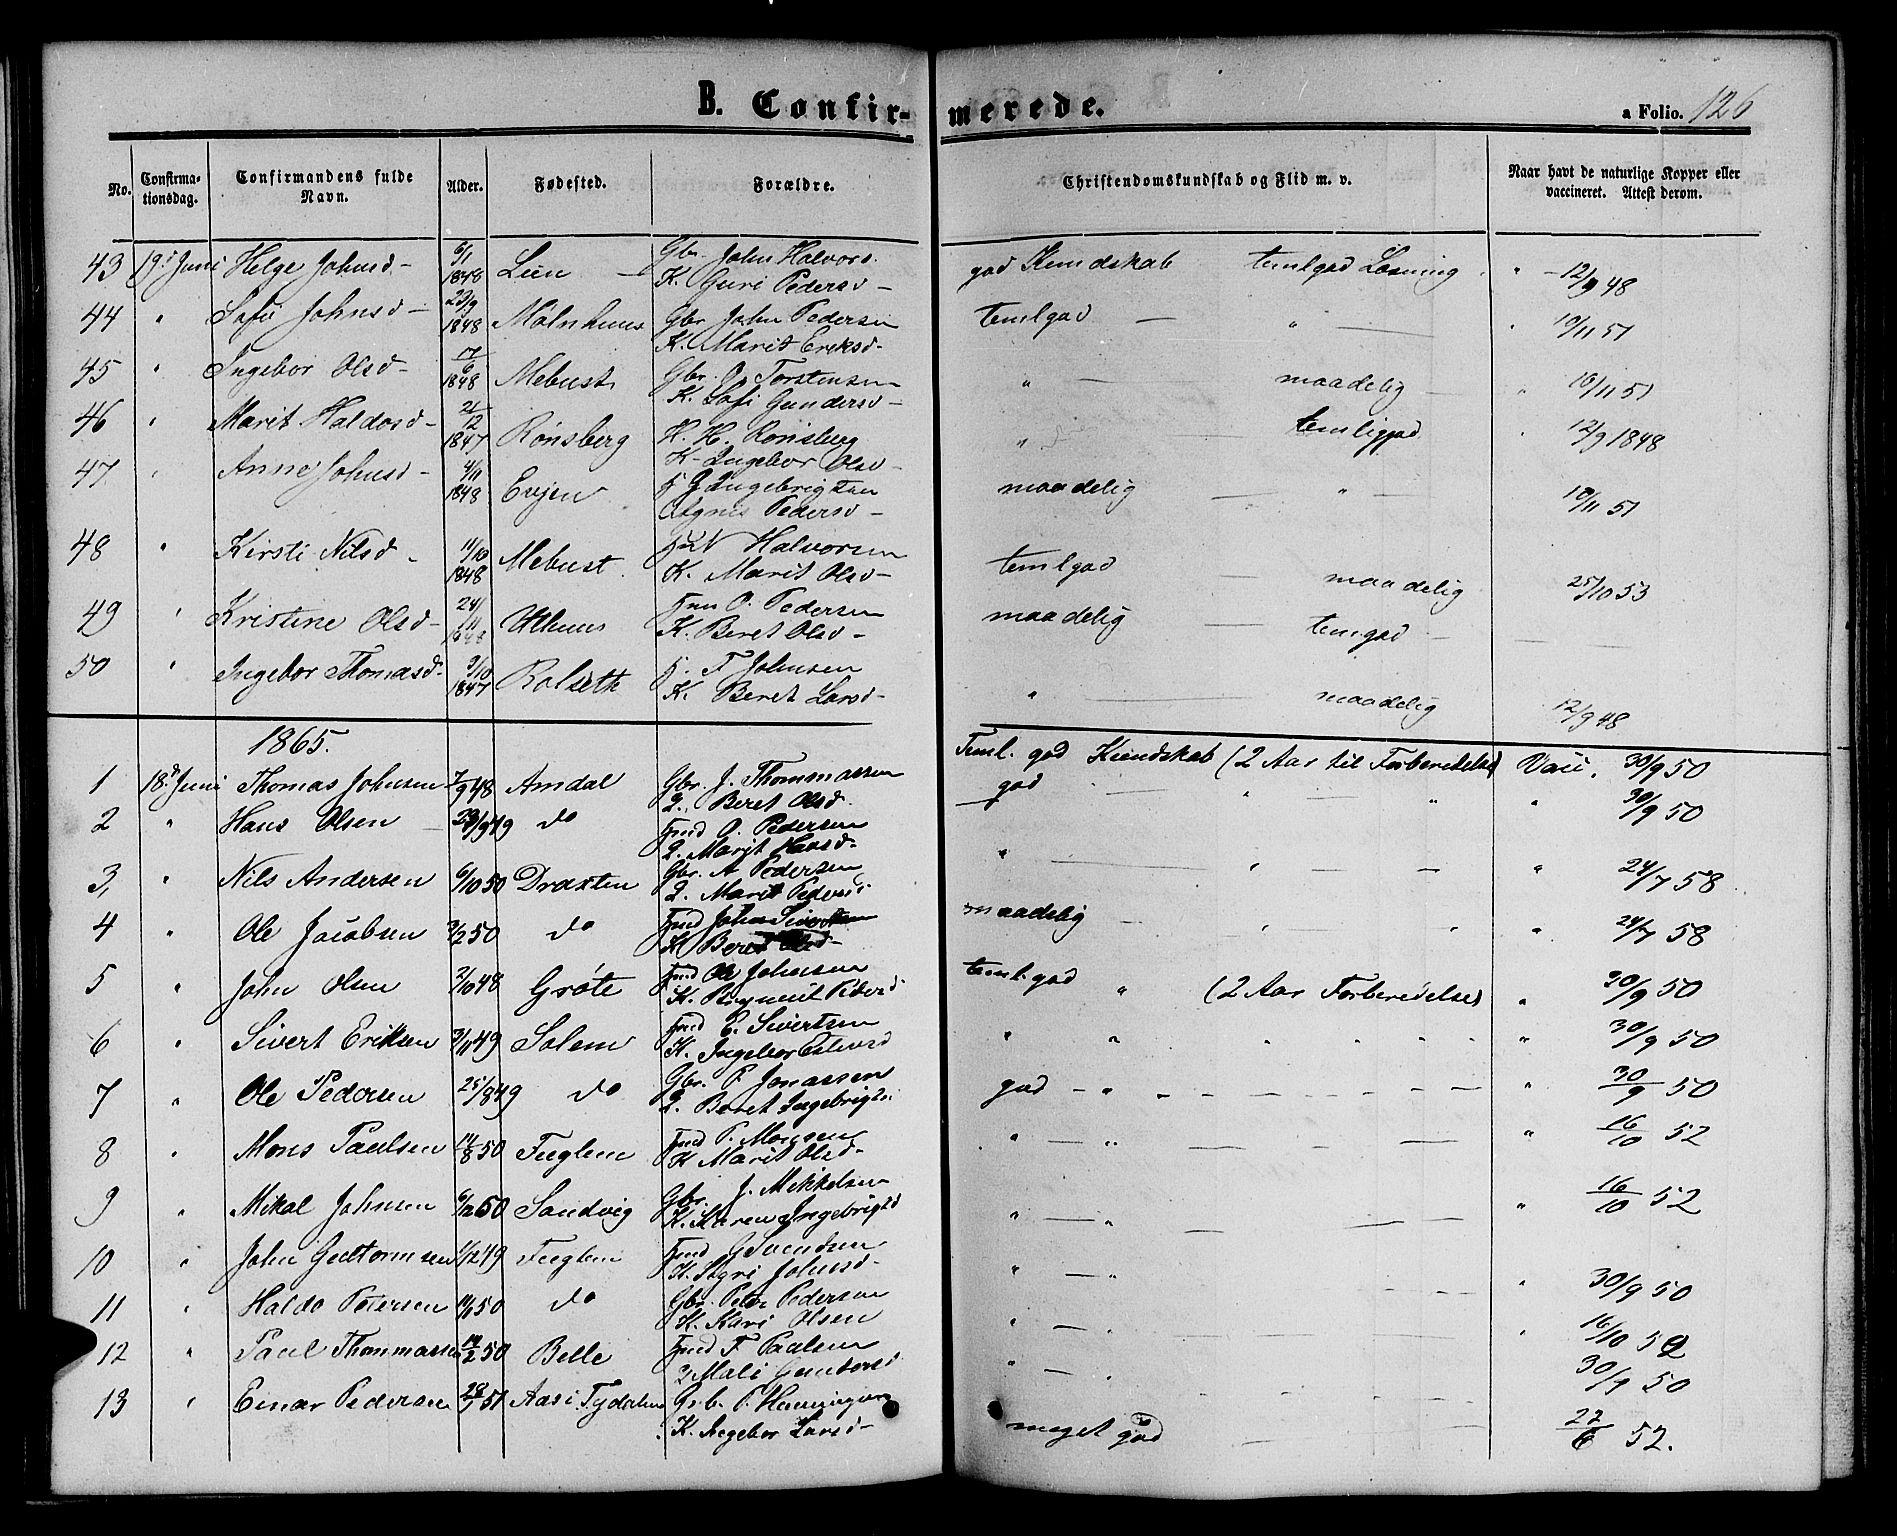 SAT, Ministerialprotokoller, klokkerbøker og fødselsregistre - Sør-Trøndelag, 695/L1155: Klokkerbok nr. 695C06, 1859-1868, s. 126